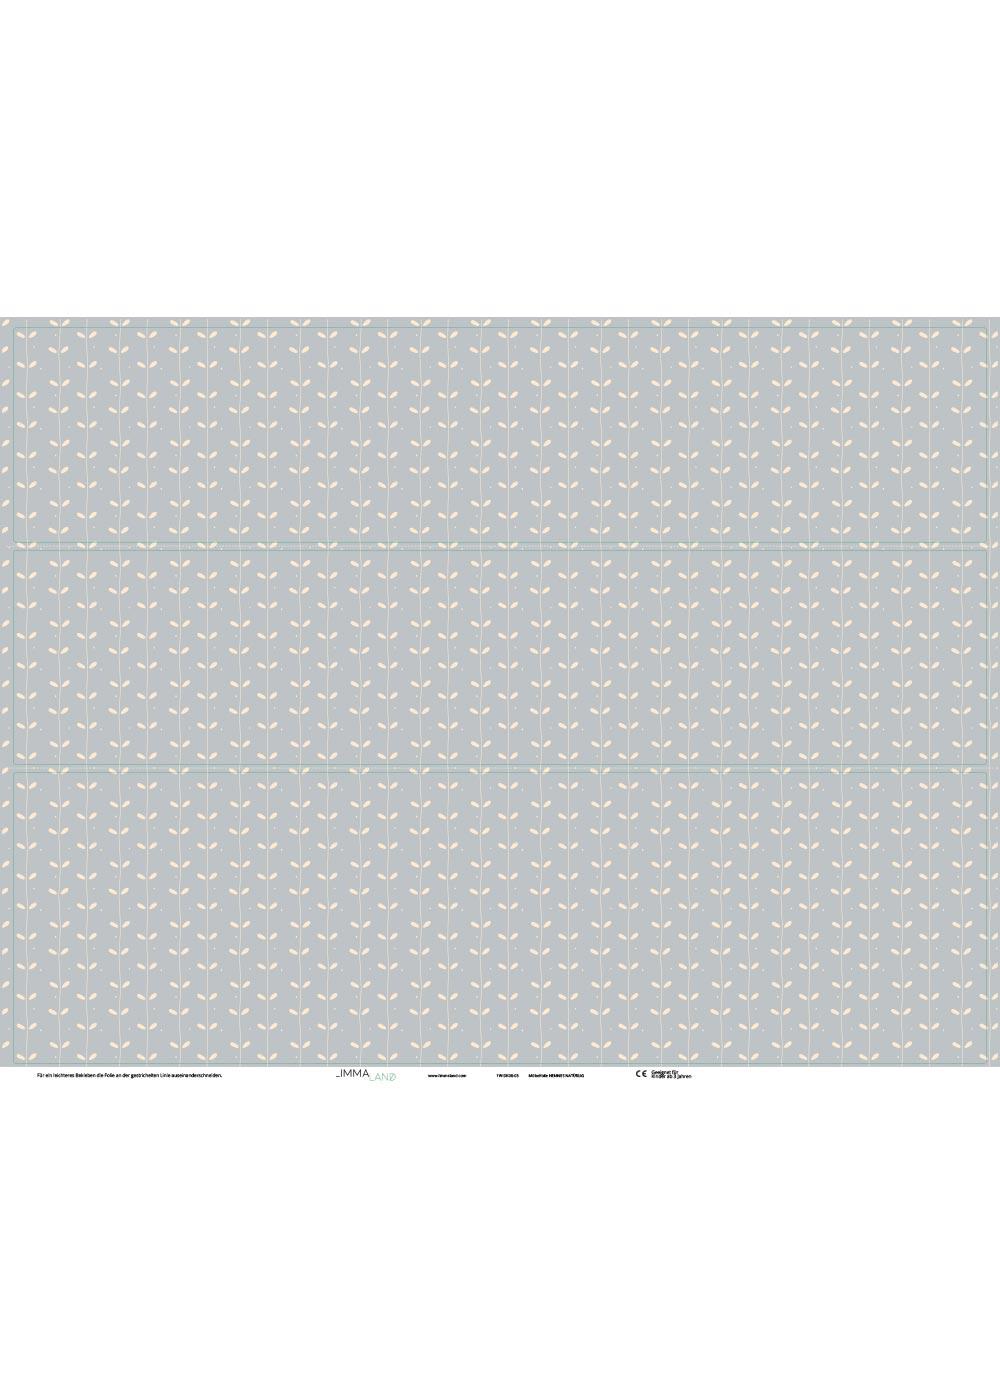 Ikea Hemnes Kommode Ährig eisblau Druckvorlage